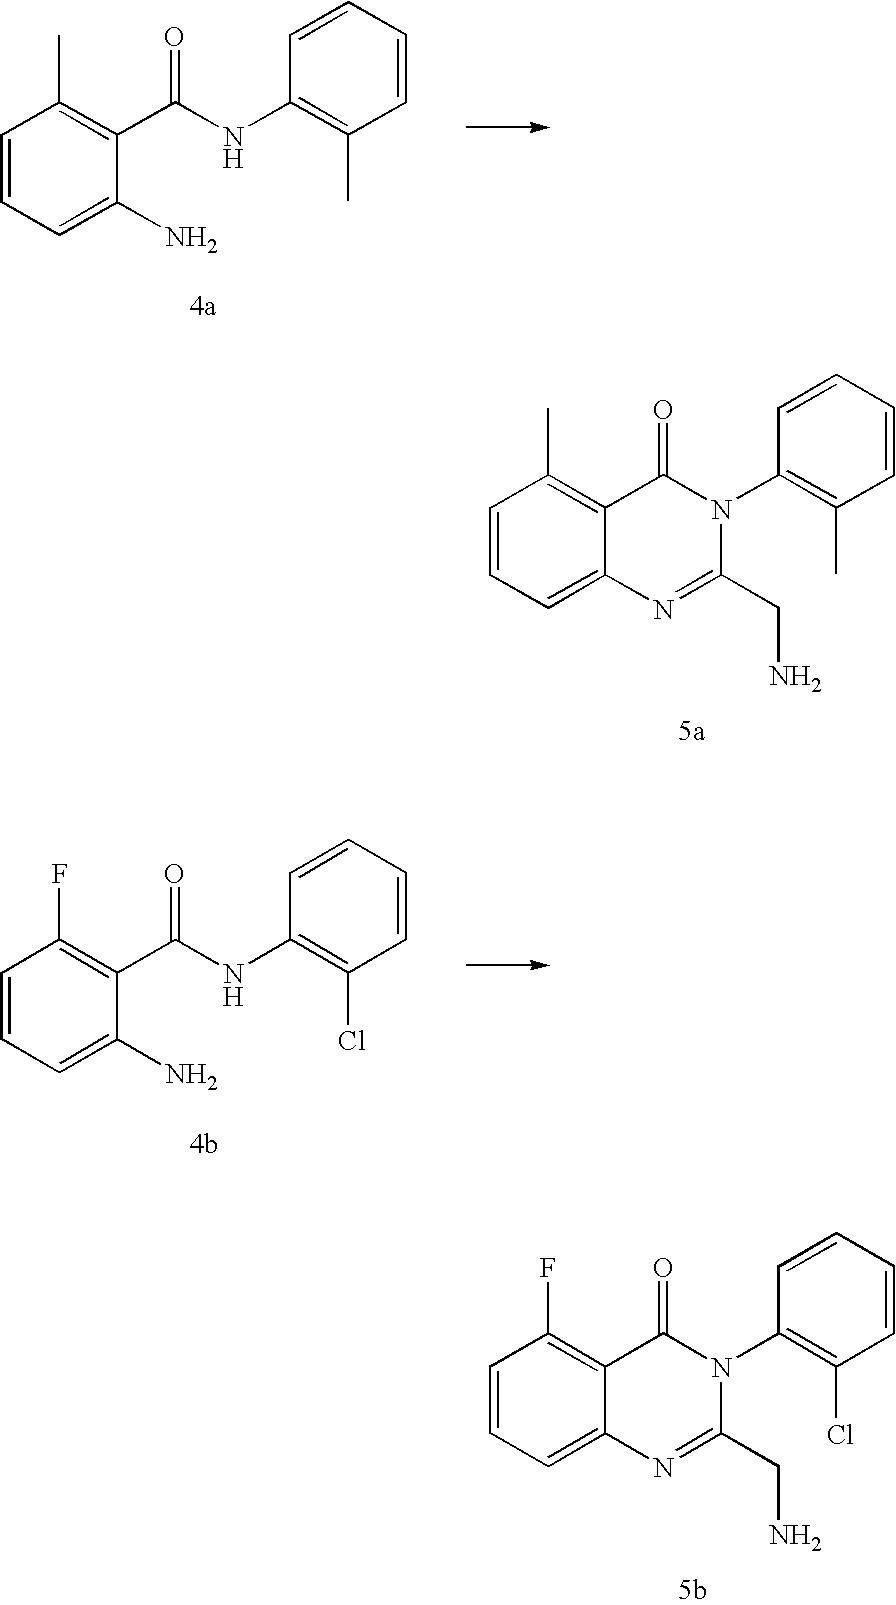 Figure US20100152211A1-20100617-C00030